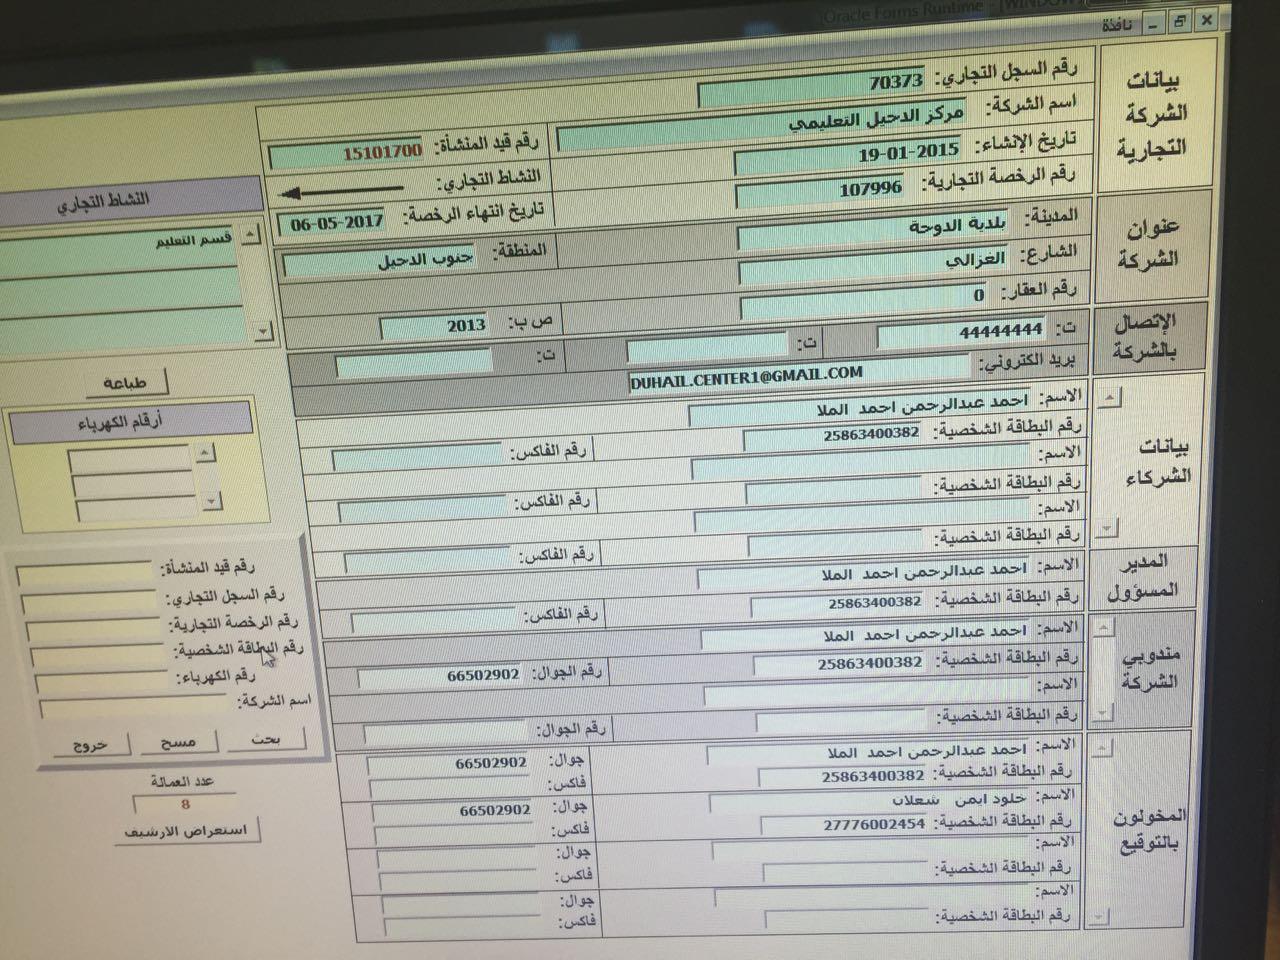 صورة ضوئية من جاهز من داخل وزارة العمل القطرية